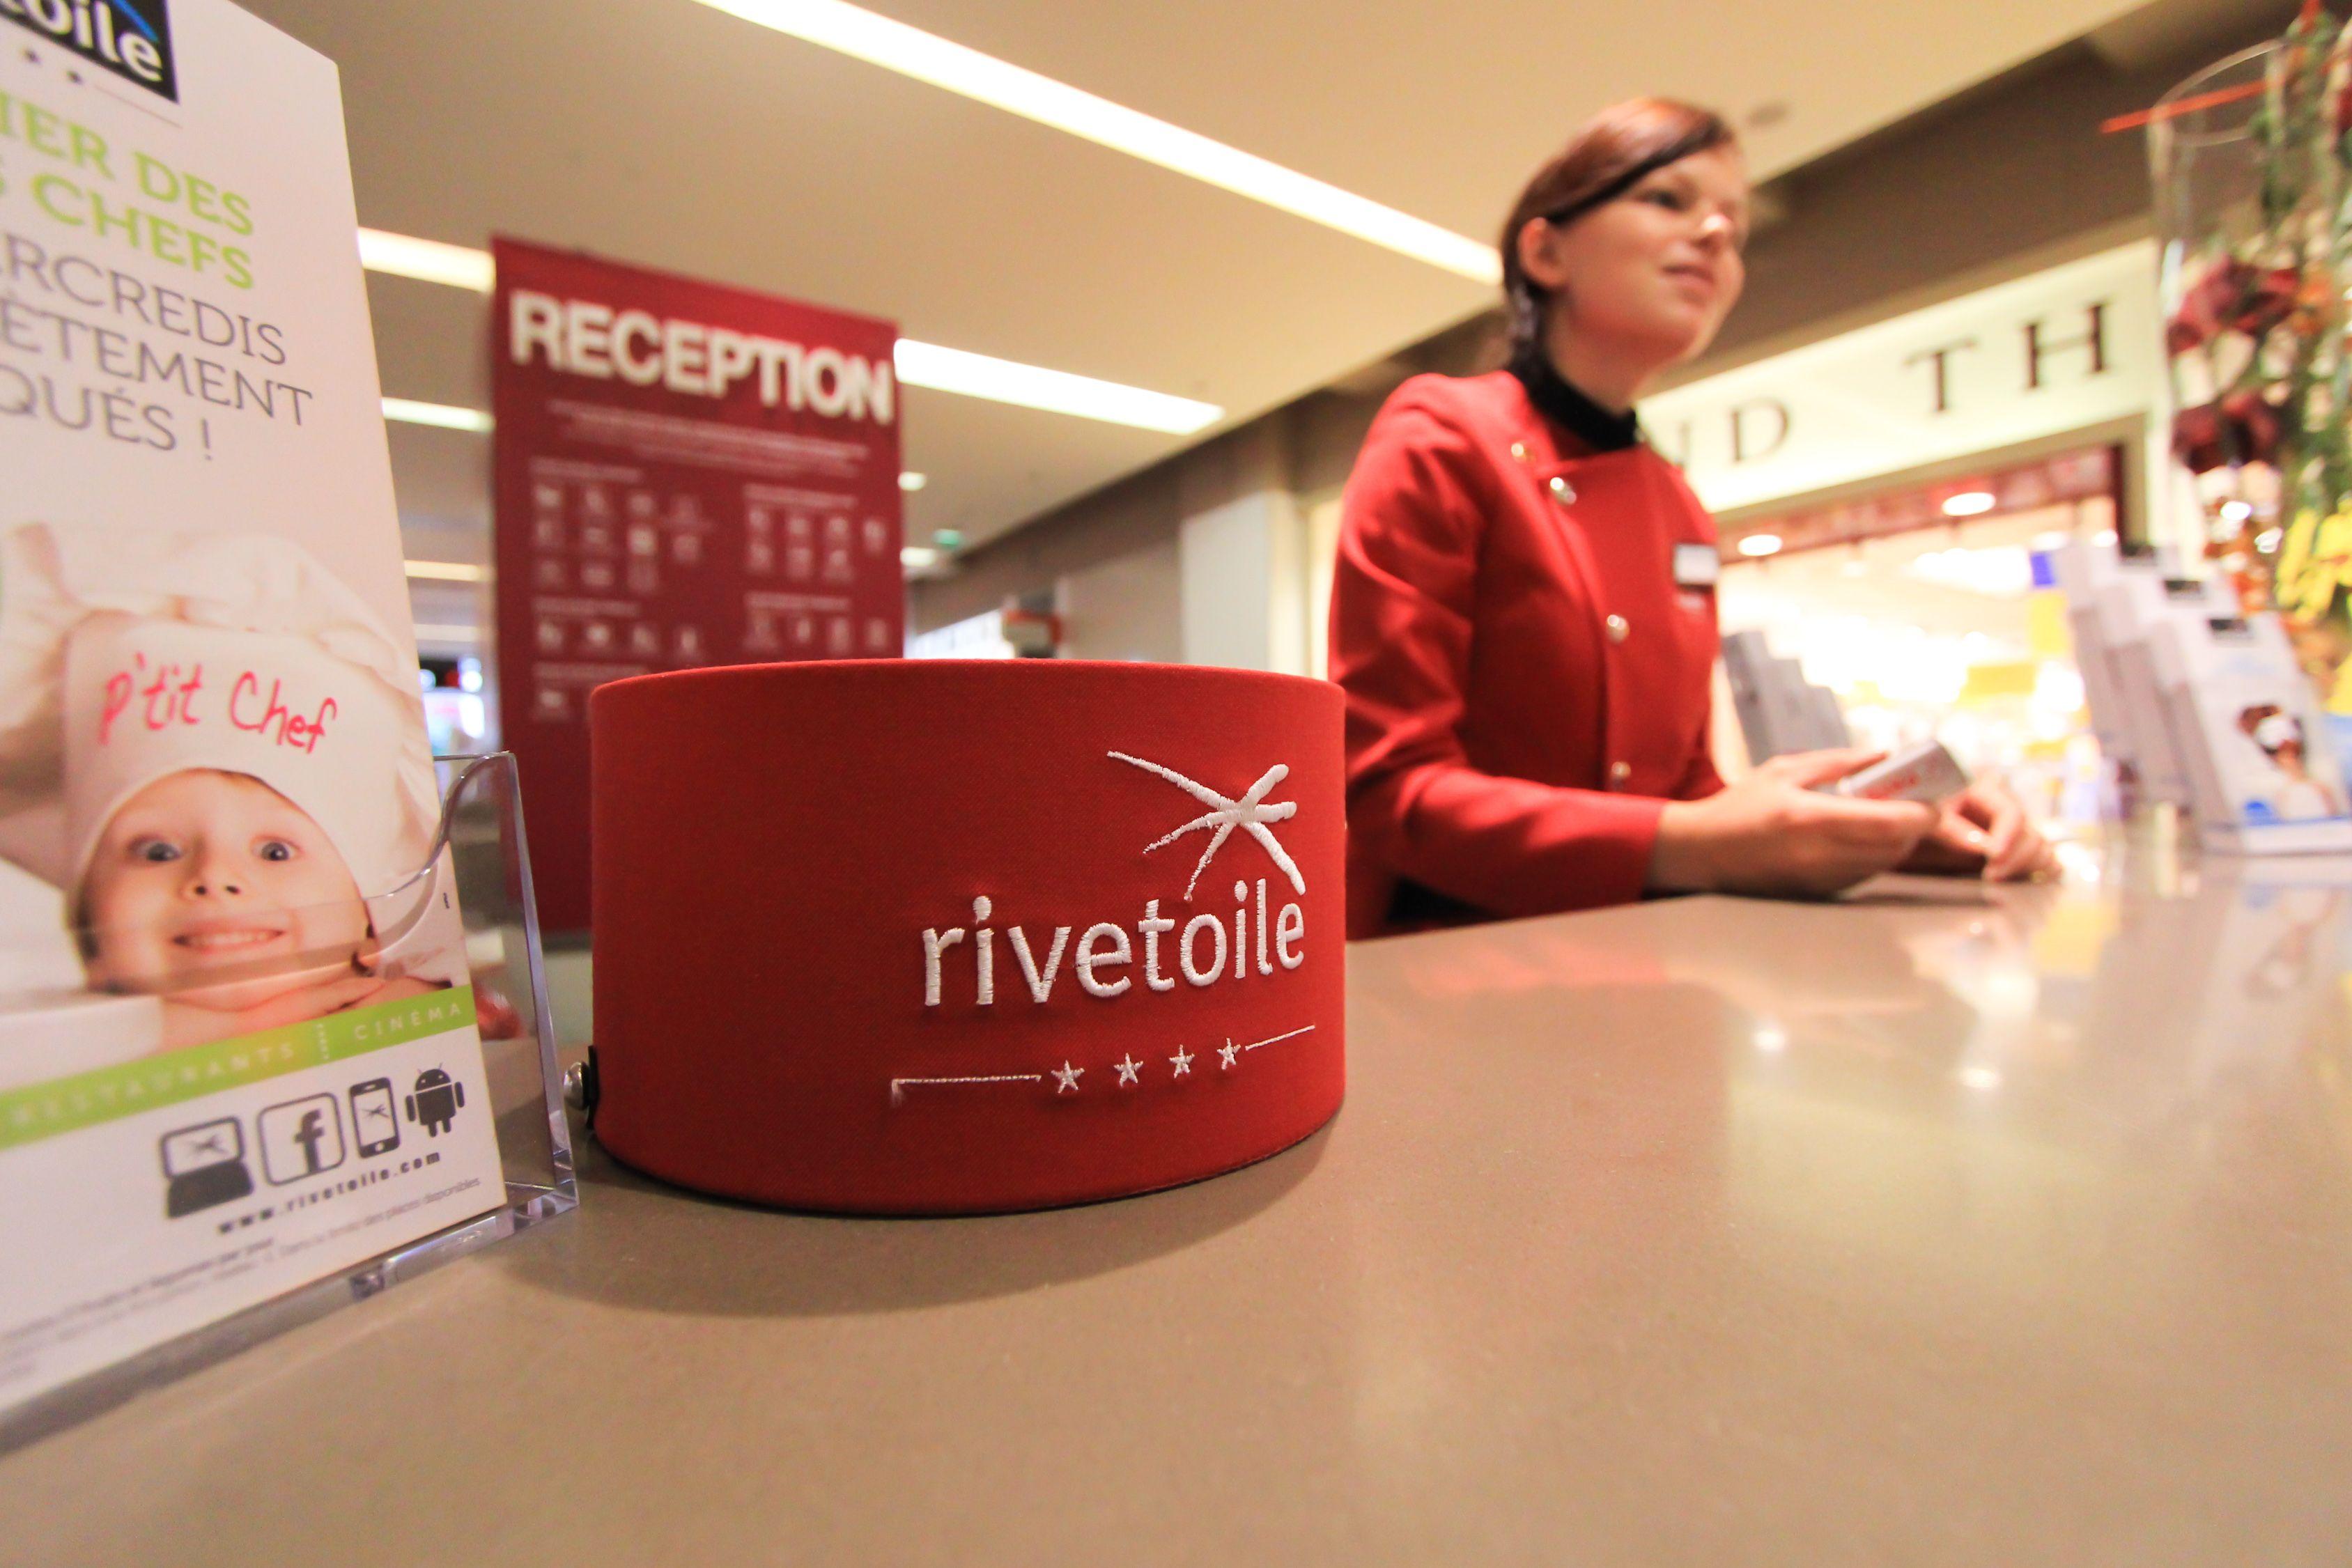 Unibail rodamco c de 6 centres commerciaux - Centre commercial rivetoile ...